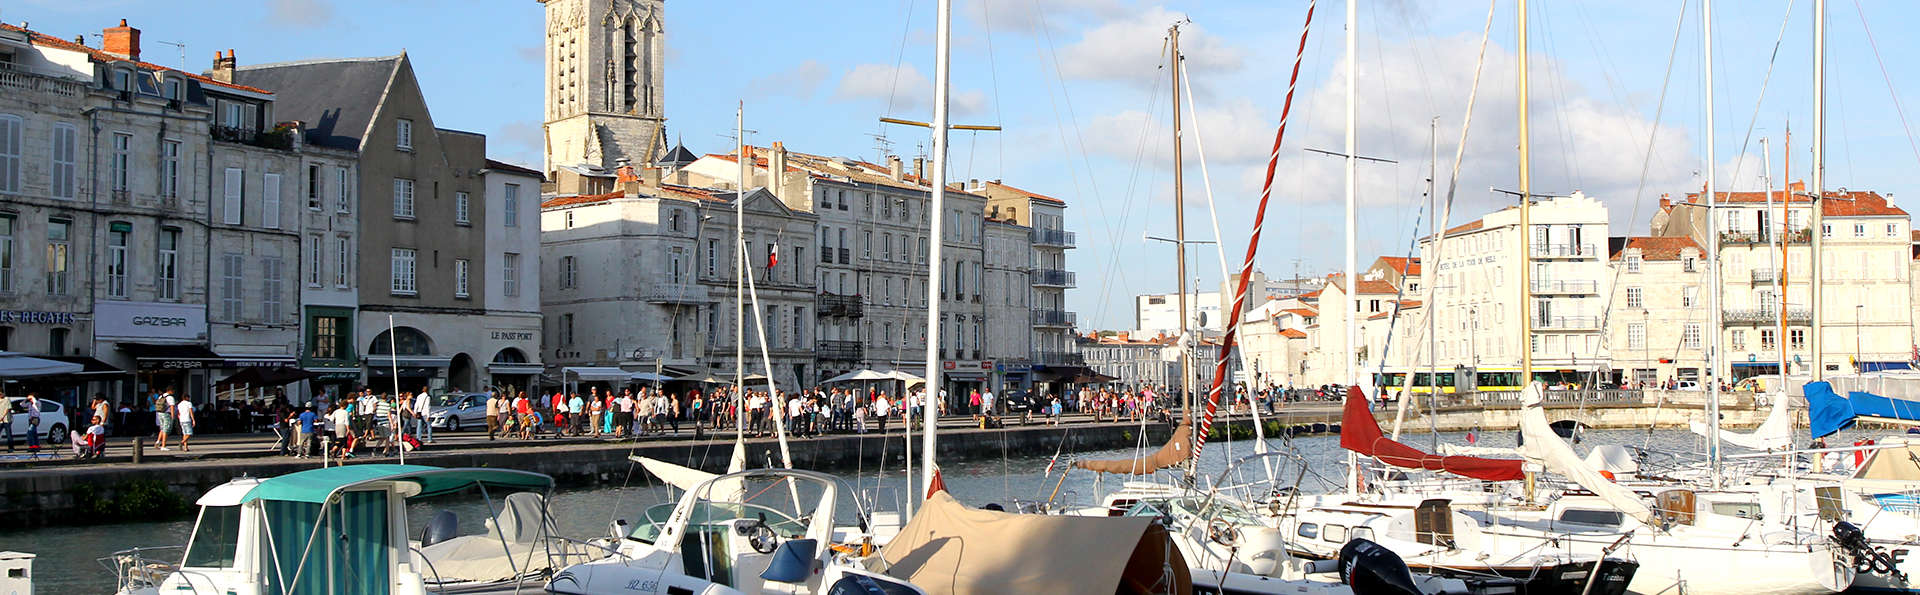 Vacanceole Domaine Du Château La Rochelle Ile de Ré - Edit_Destination.jpg